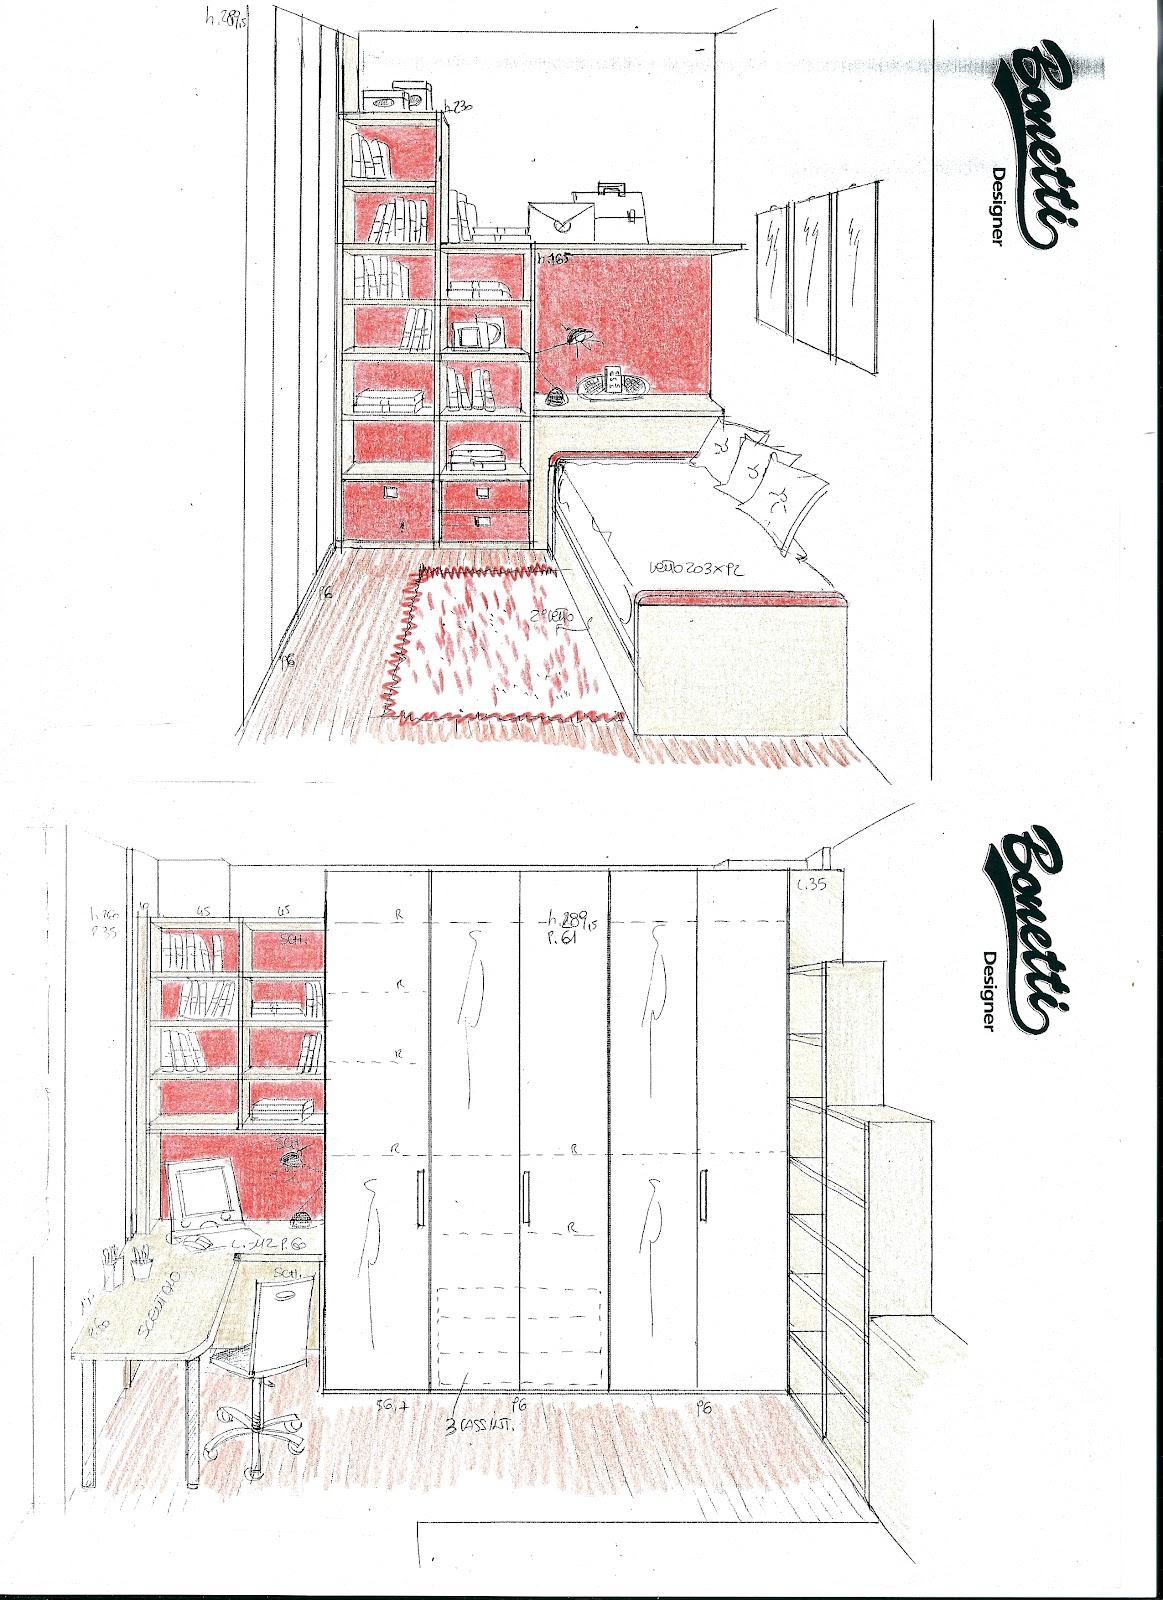 camerette piccole camerette bambini : BONETTI CAMERETTE BONETTI BEDROOMS: PROGETTI CAMERETTE PICCOLE